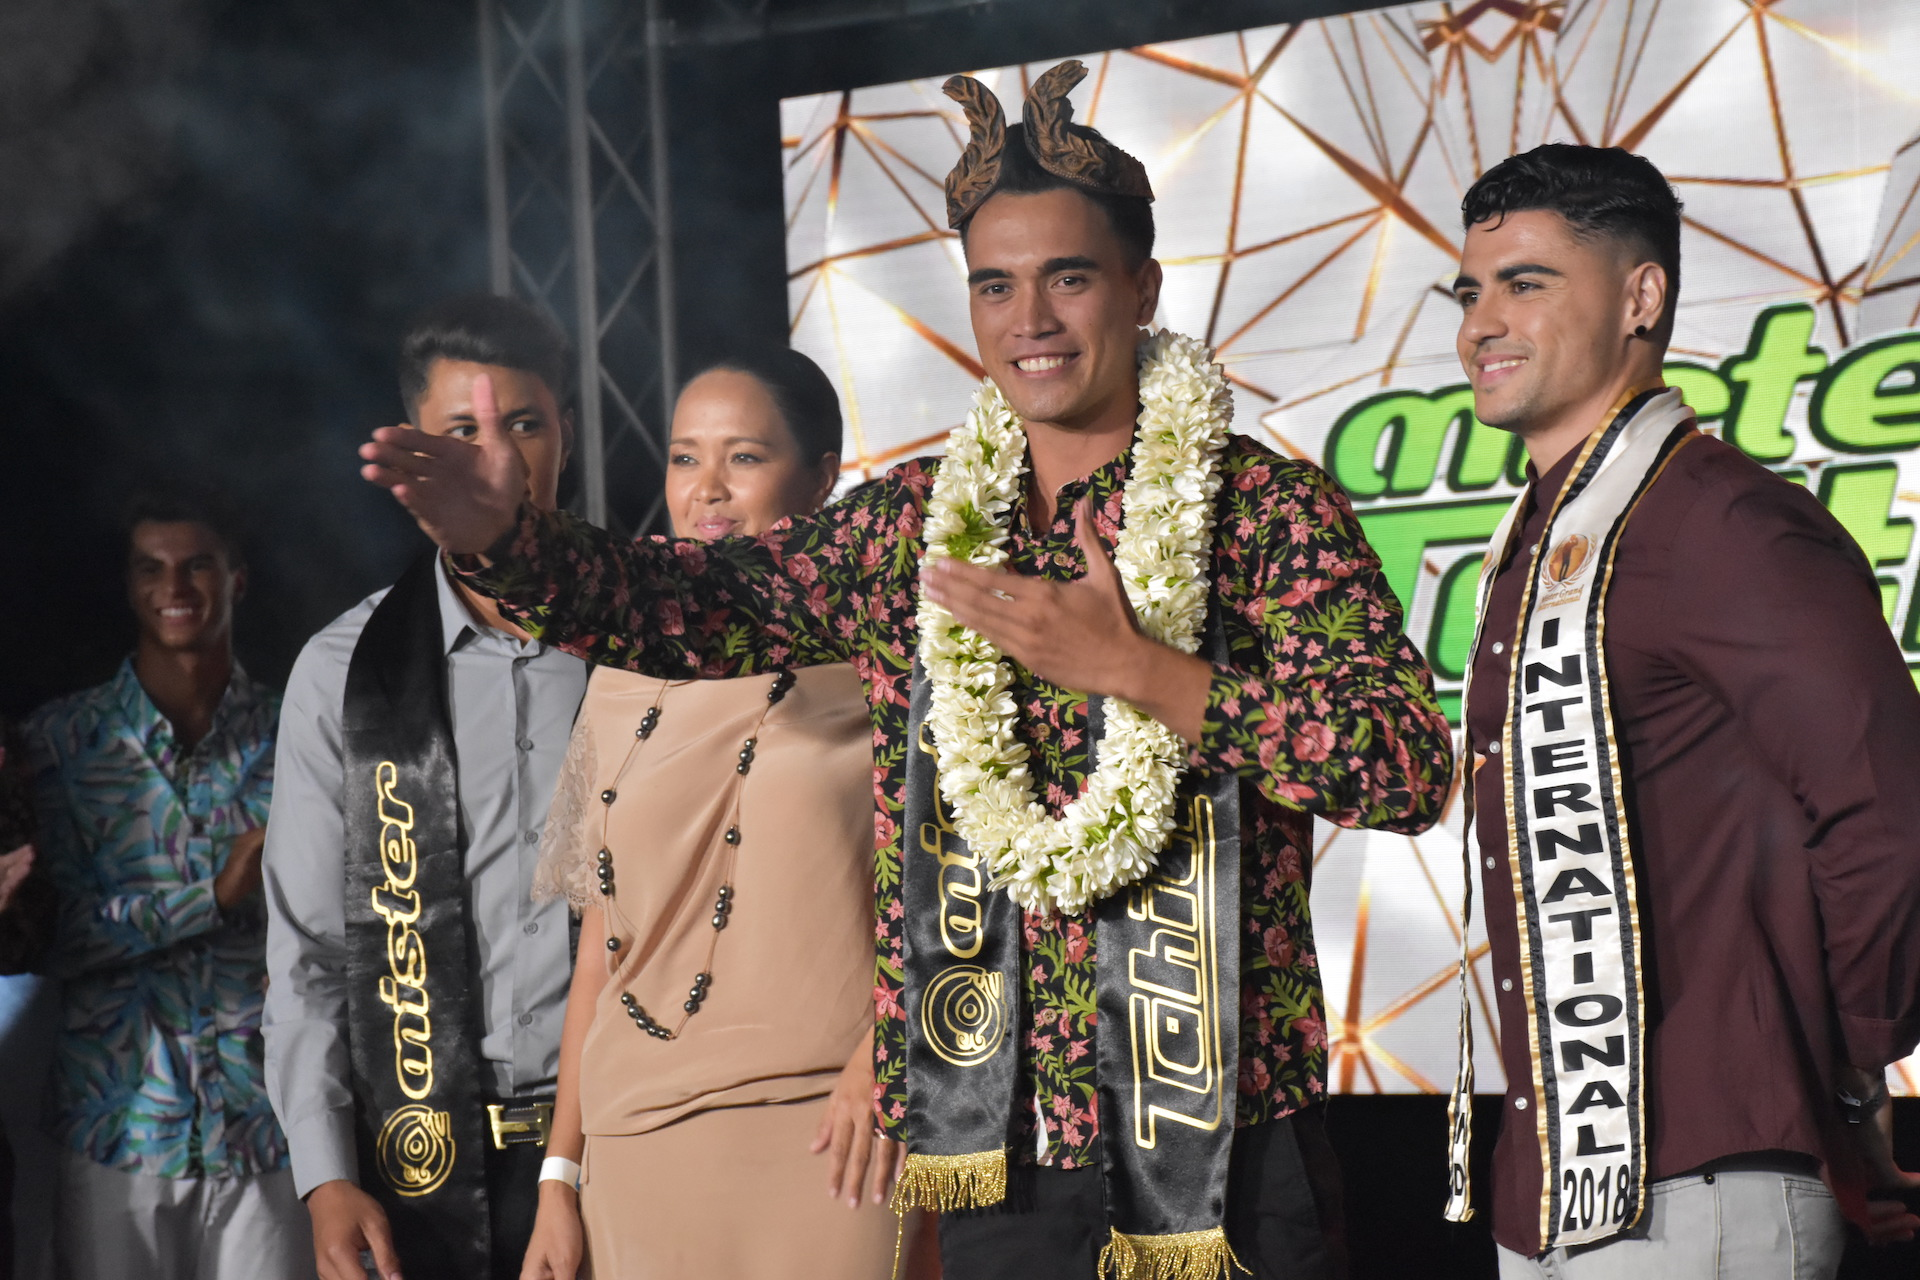 Tehau Matikaua s'envolera en janvier prochain pour l'Hexagone où il participera à l'élection de Mister France 2020.